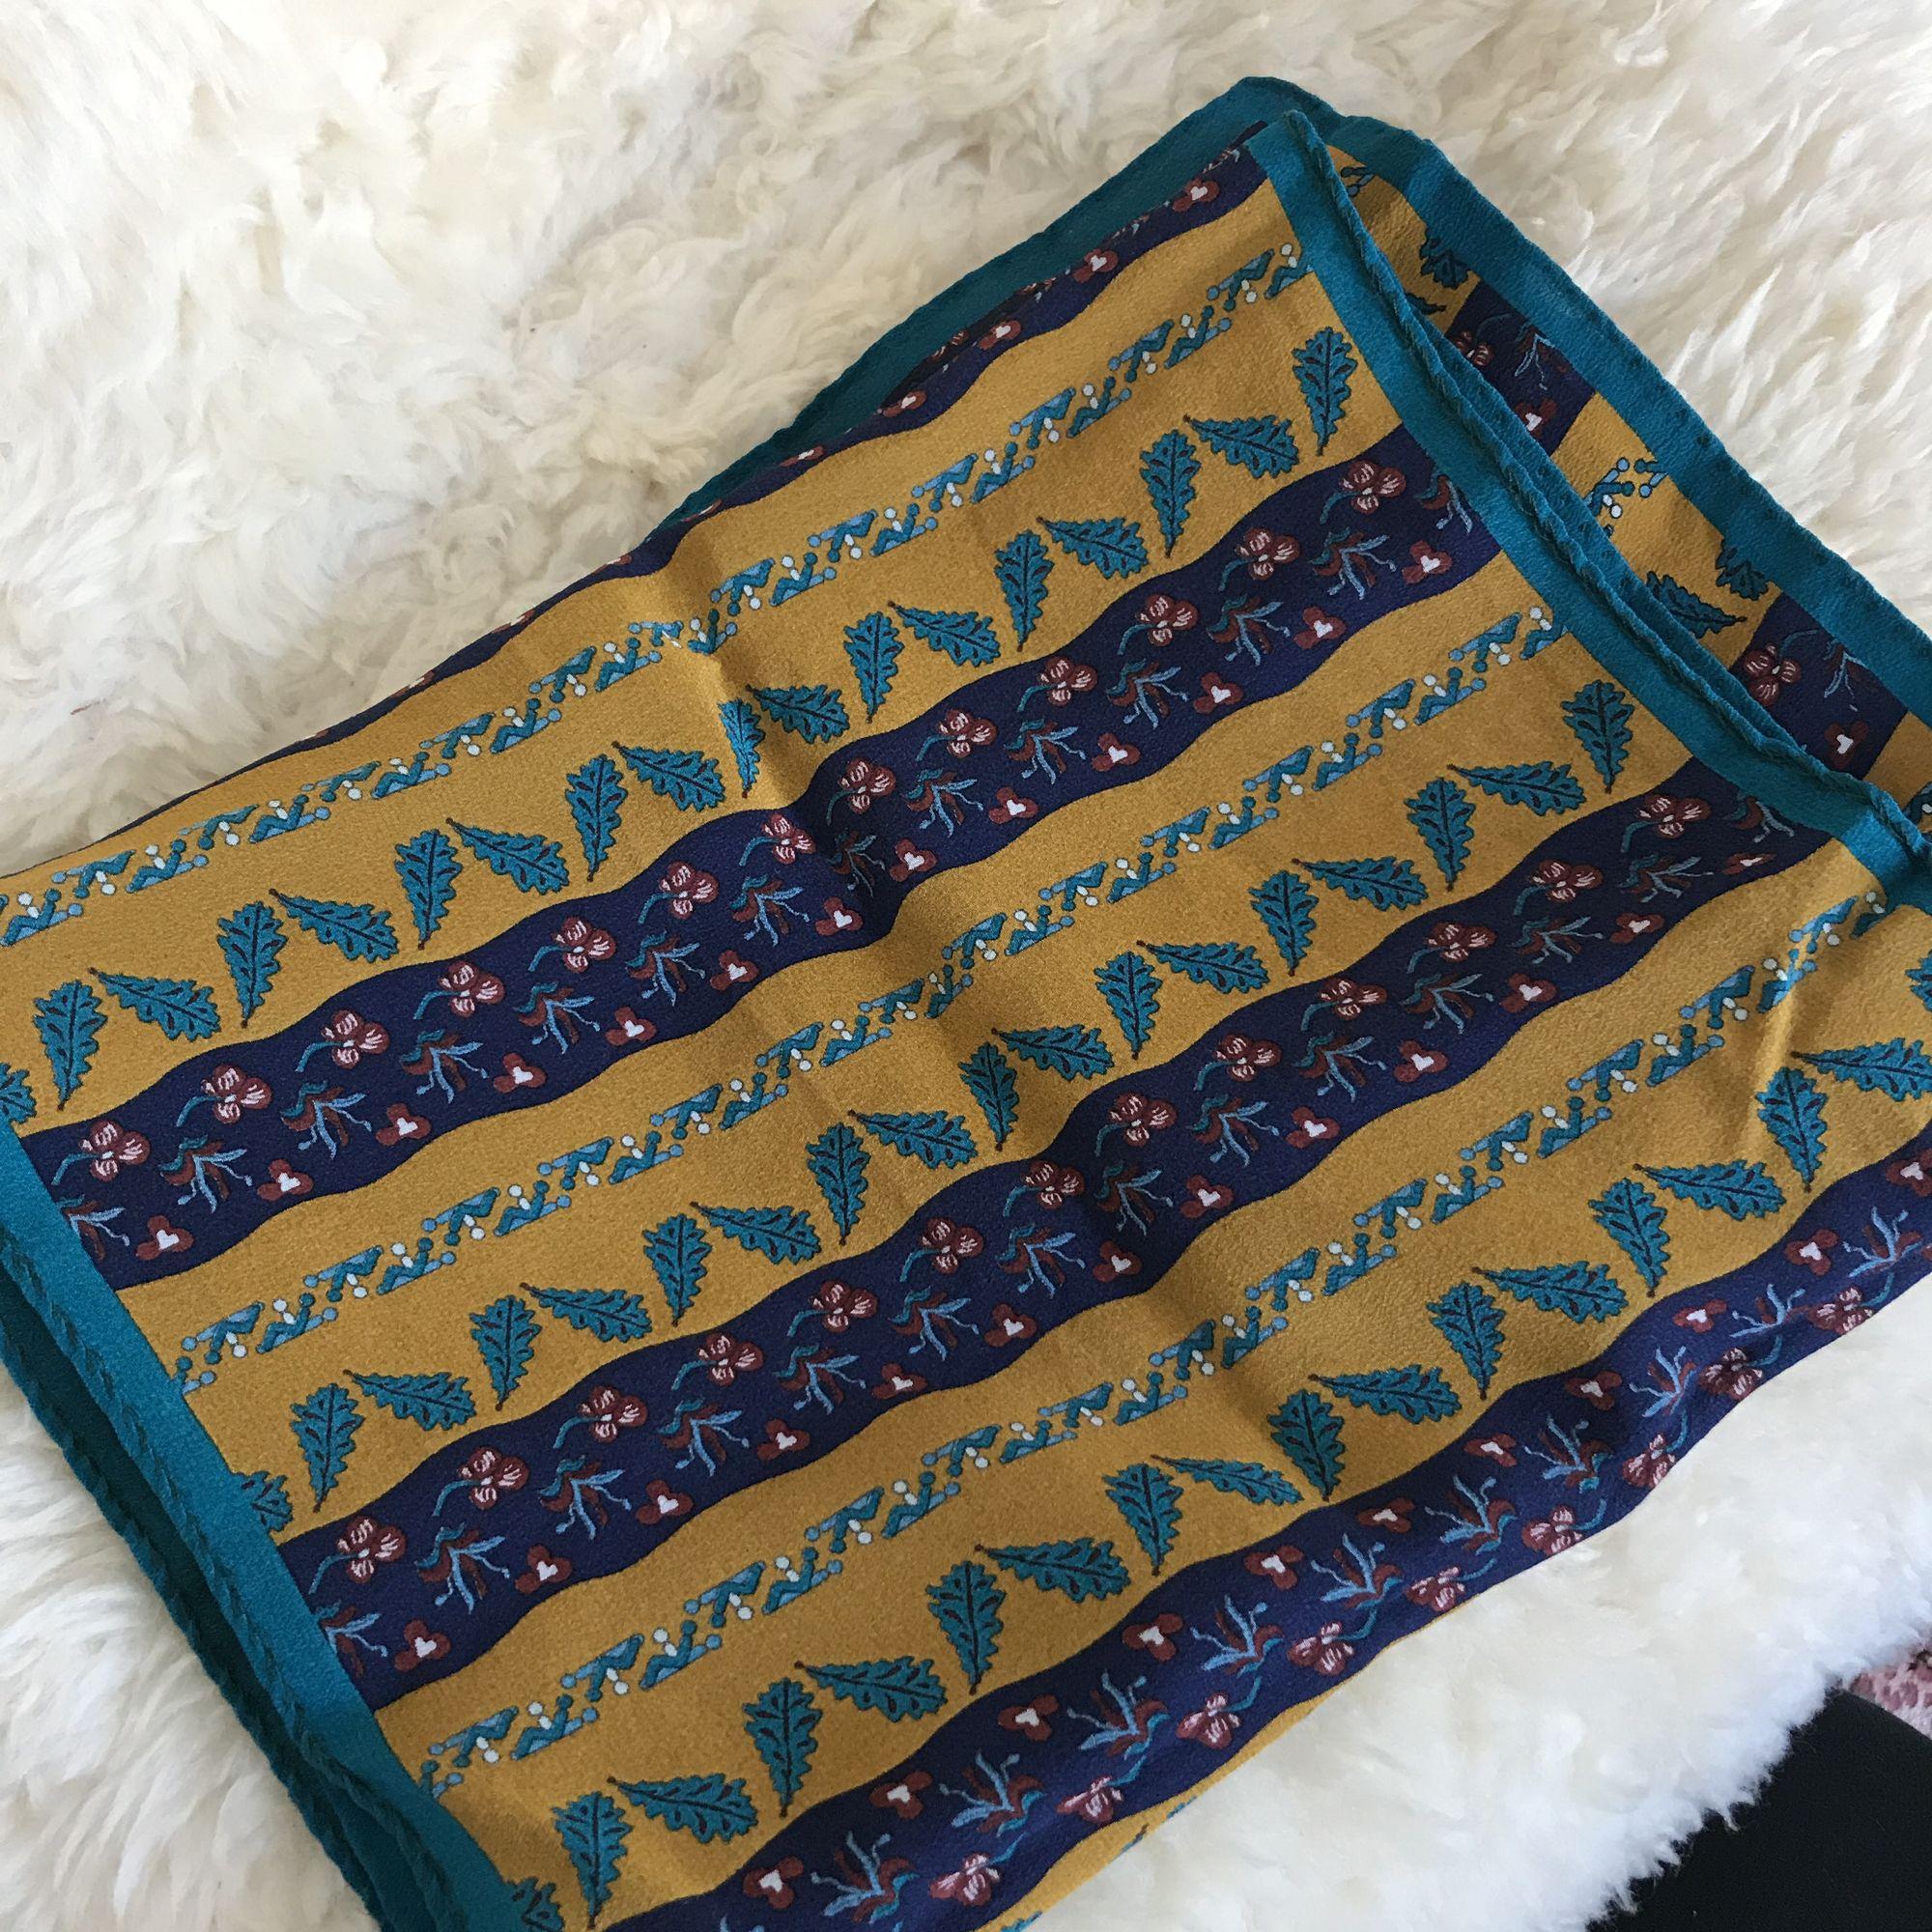 Mönstrad sjal i fina färger (senapsgul, mörkblå och hint av lila och mörkrött). Lite smalare på bredden, men passar utmärkt runt halsen som accessoar eller håret. Priset inkluderar frakt. . Accessoarer.